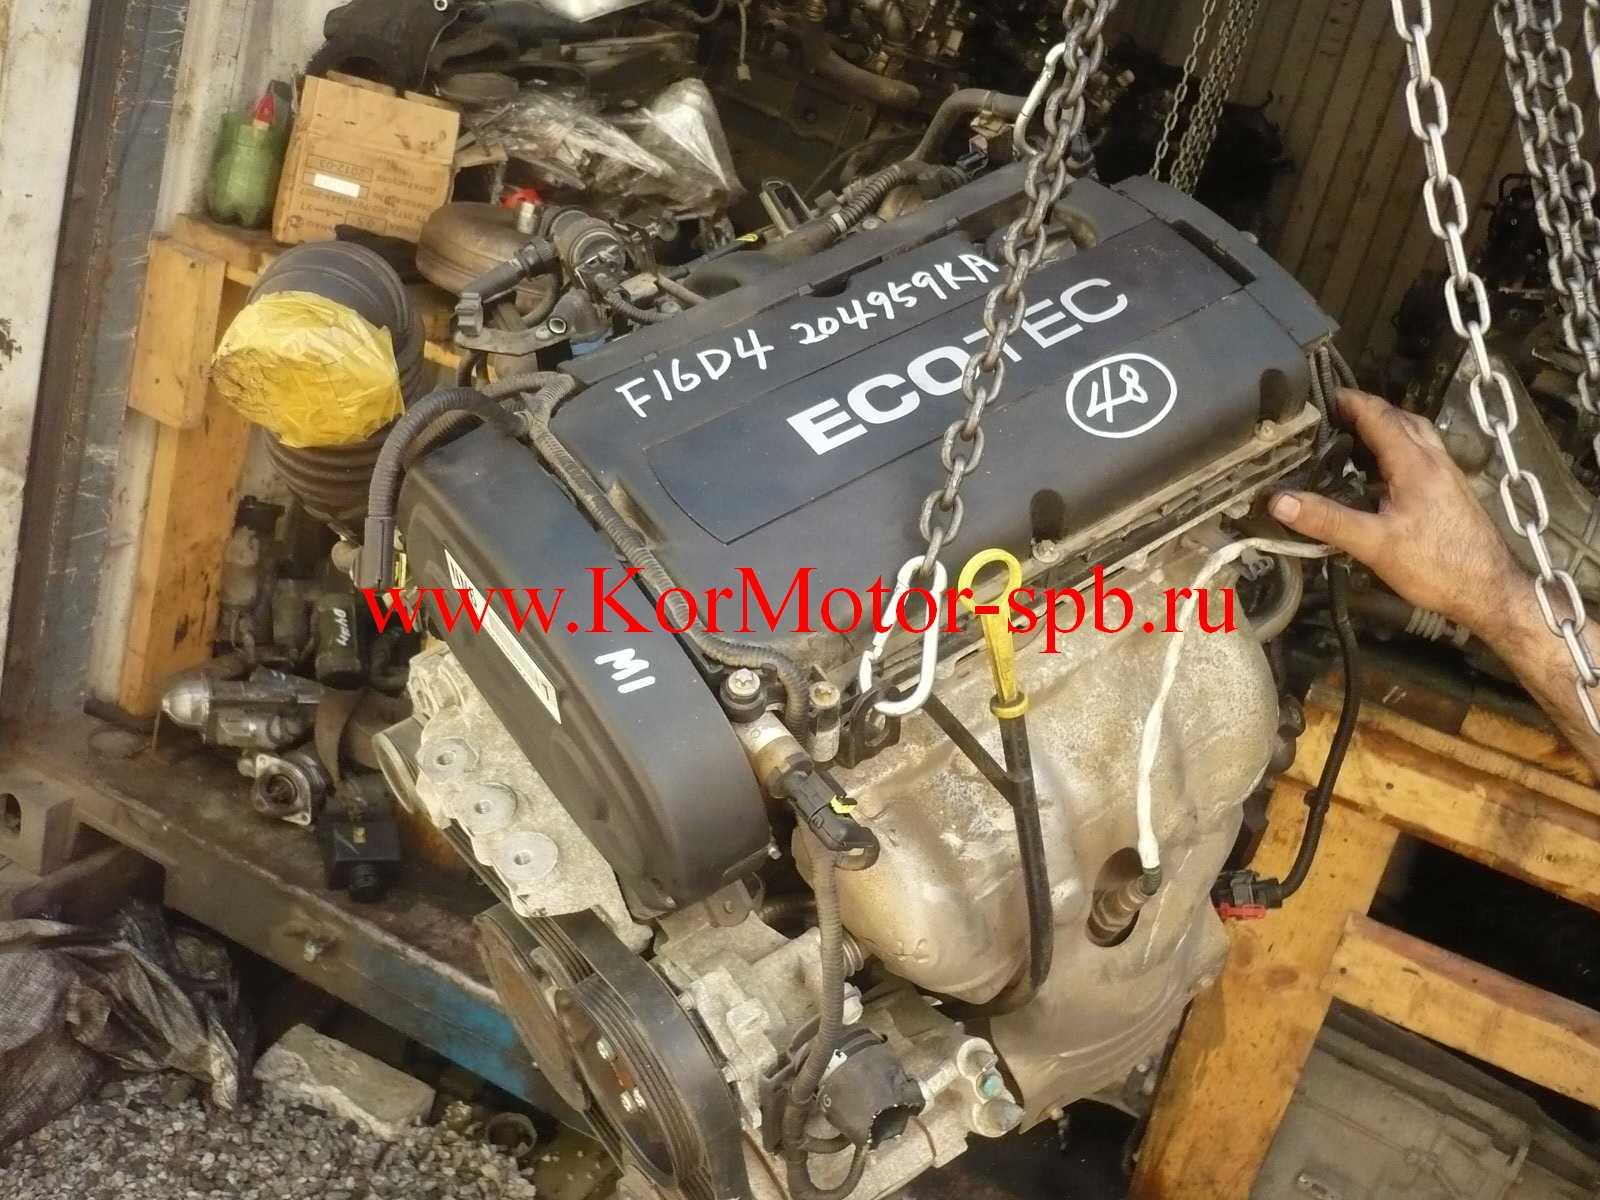 Купить двигатель Шевроле Авео 1.6(Chevrolet Aveo 1.6) F16D4